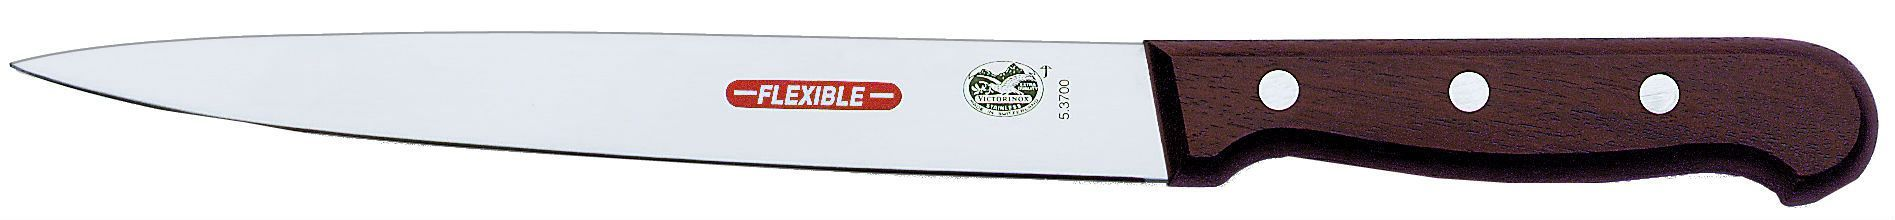 Victorinox 5.3700.16 - нож филейный, лезвие 16 см (Brown)Кухонные ножи, ложки, вилки<br>Нож филейный<br>